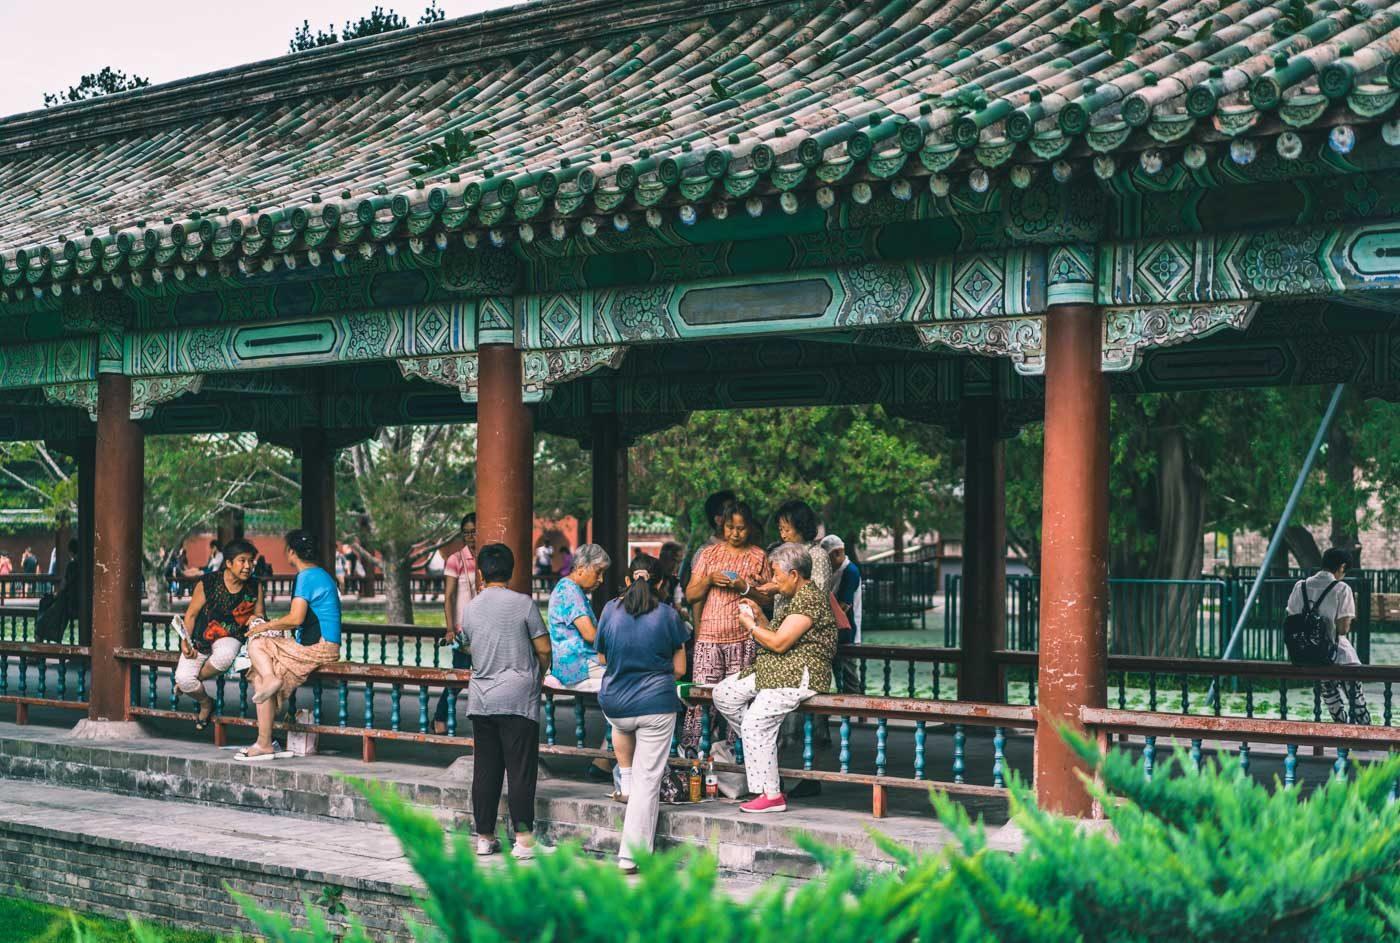 Temple of Heaven Park, Beijing